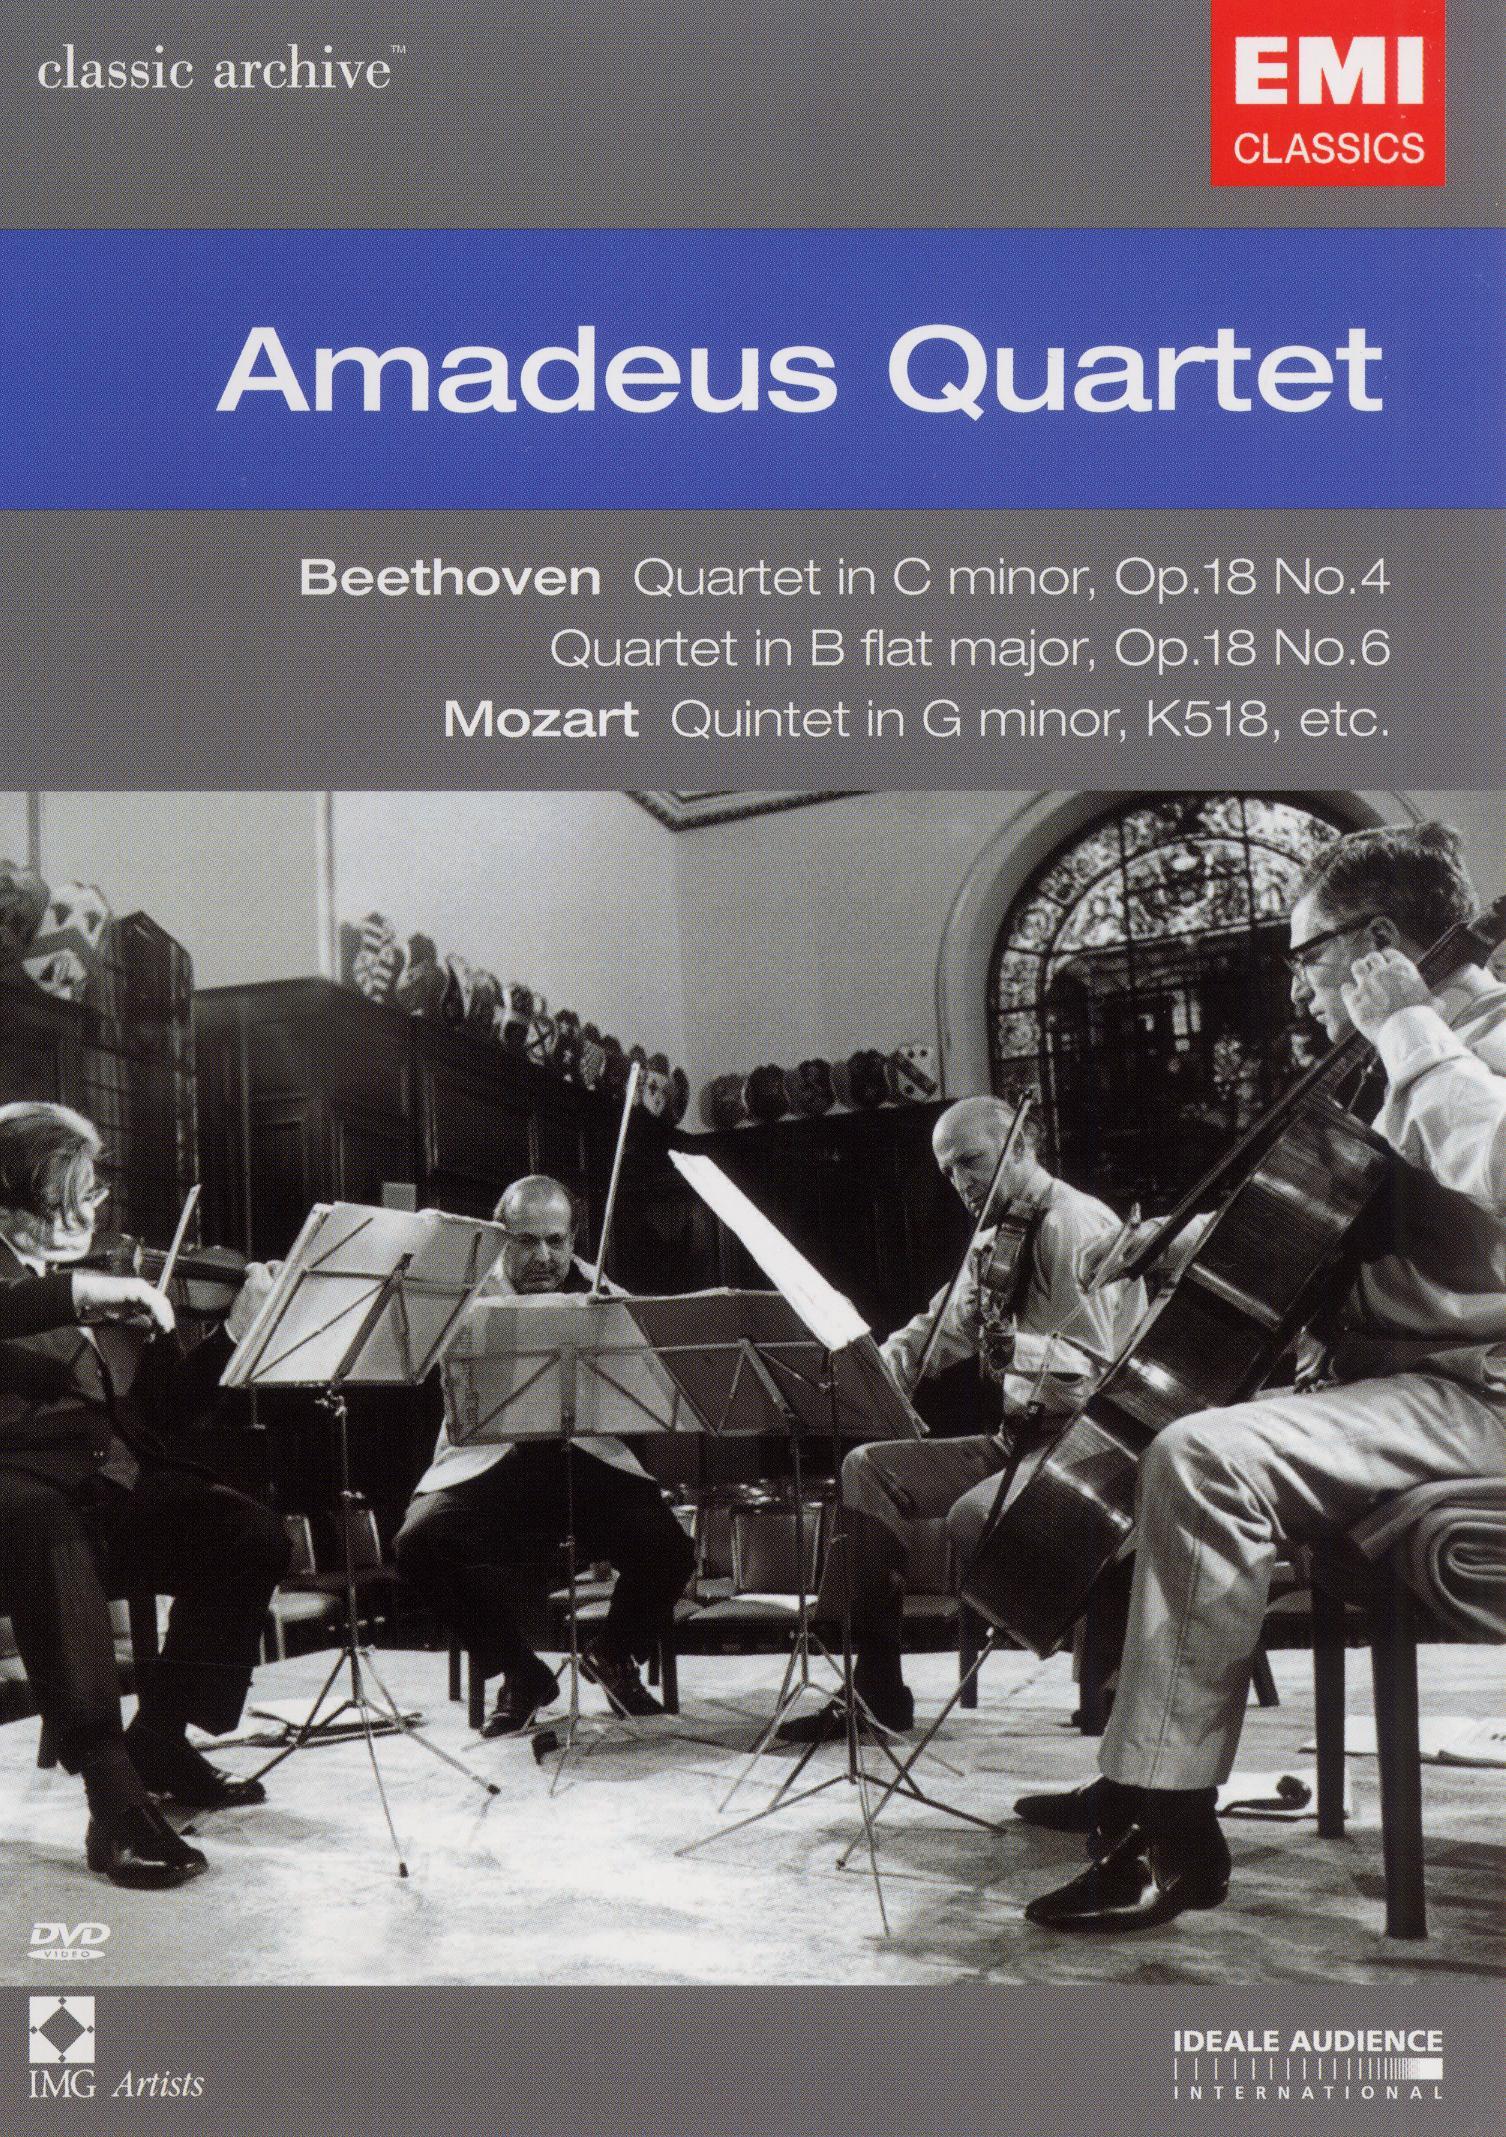 Classic Archive: Mozart/Beethoven/Brahms/Amadeus Quartet